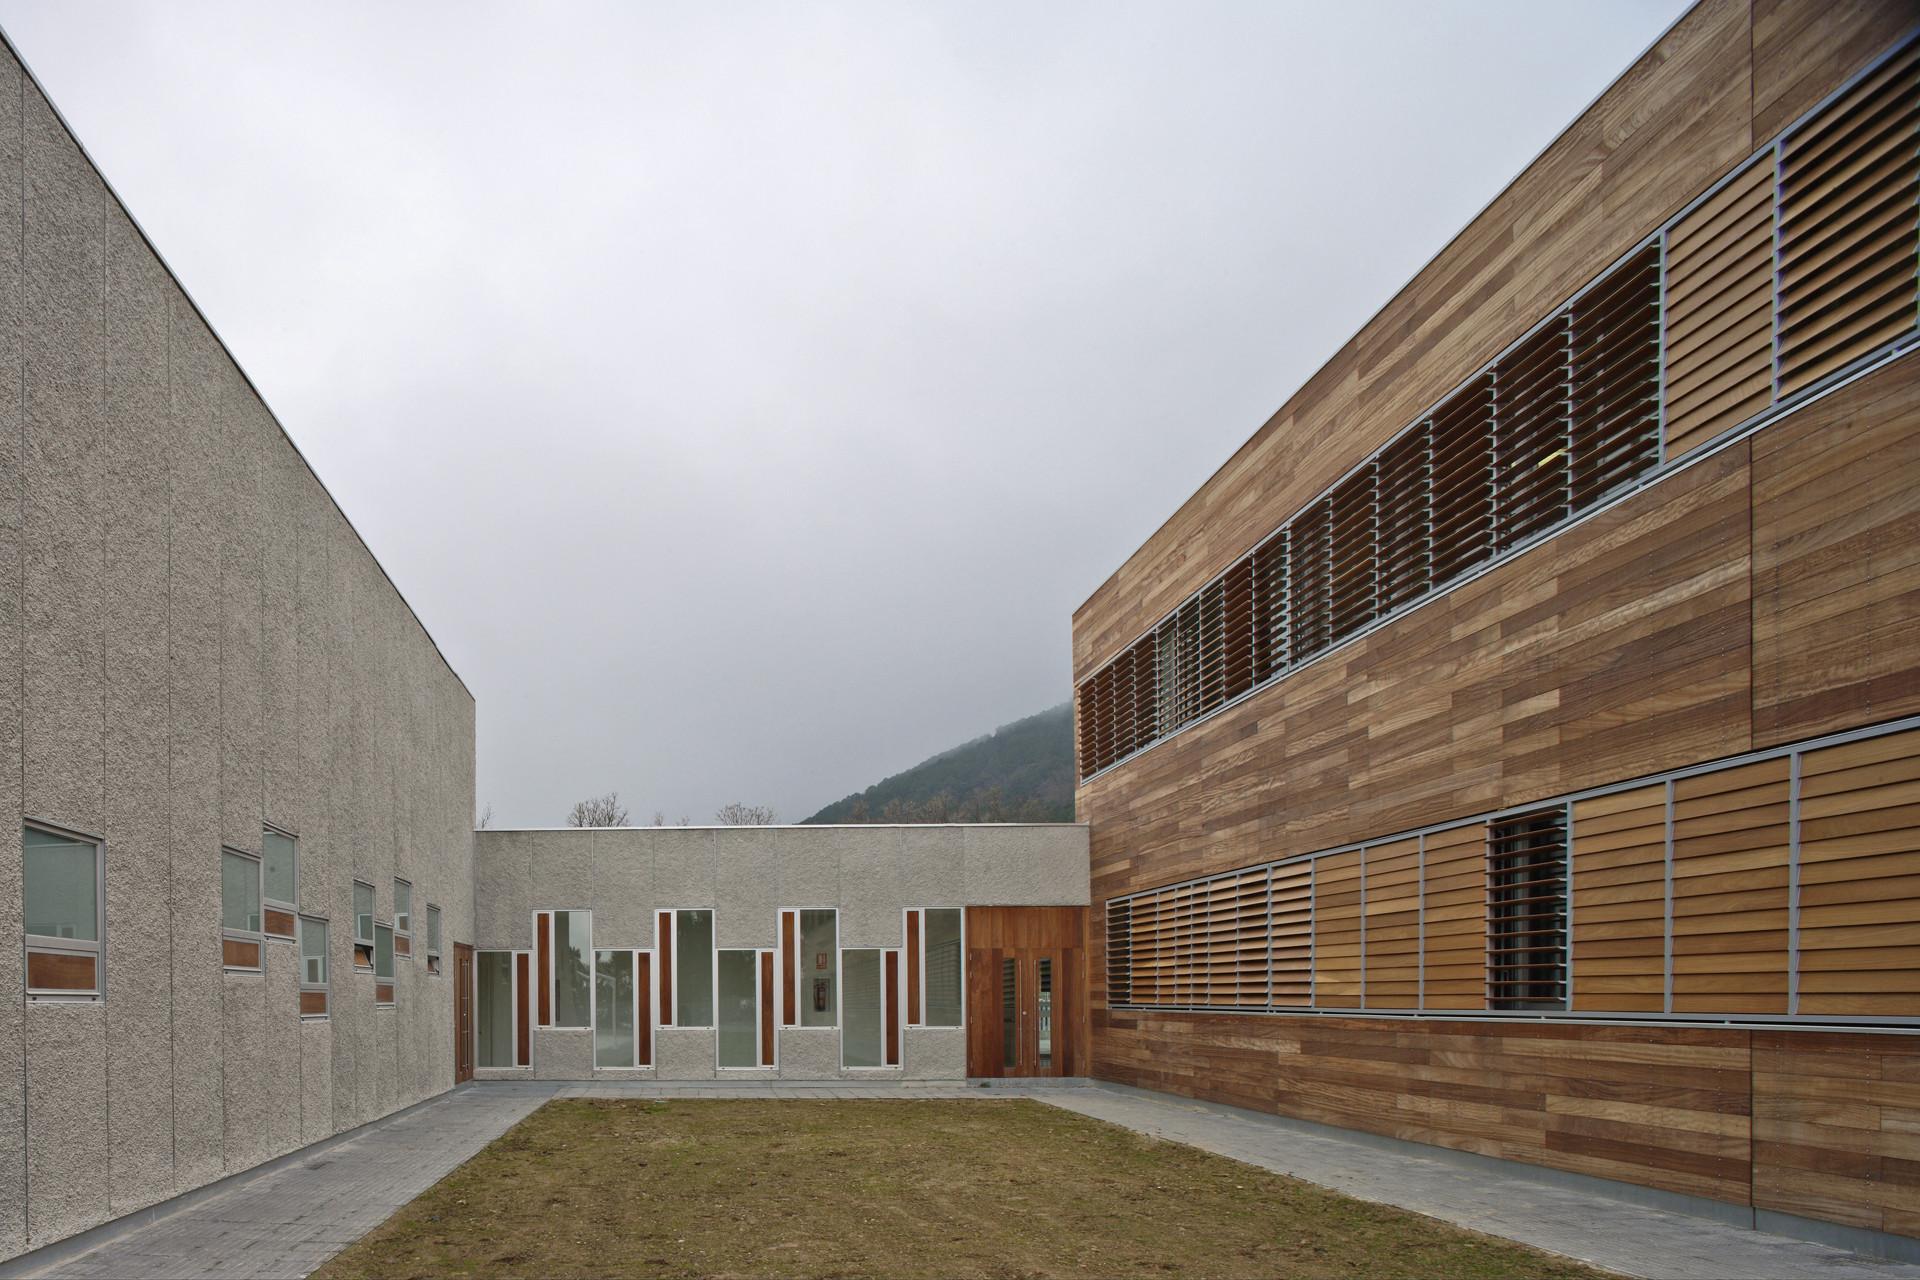 Colegio en piedralaves bmasc arquitectos archdaily m xico - Arquitectos en avila ...